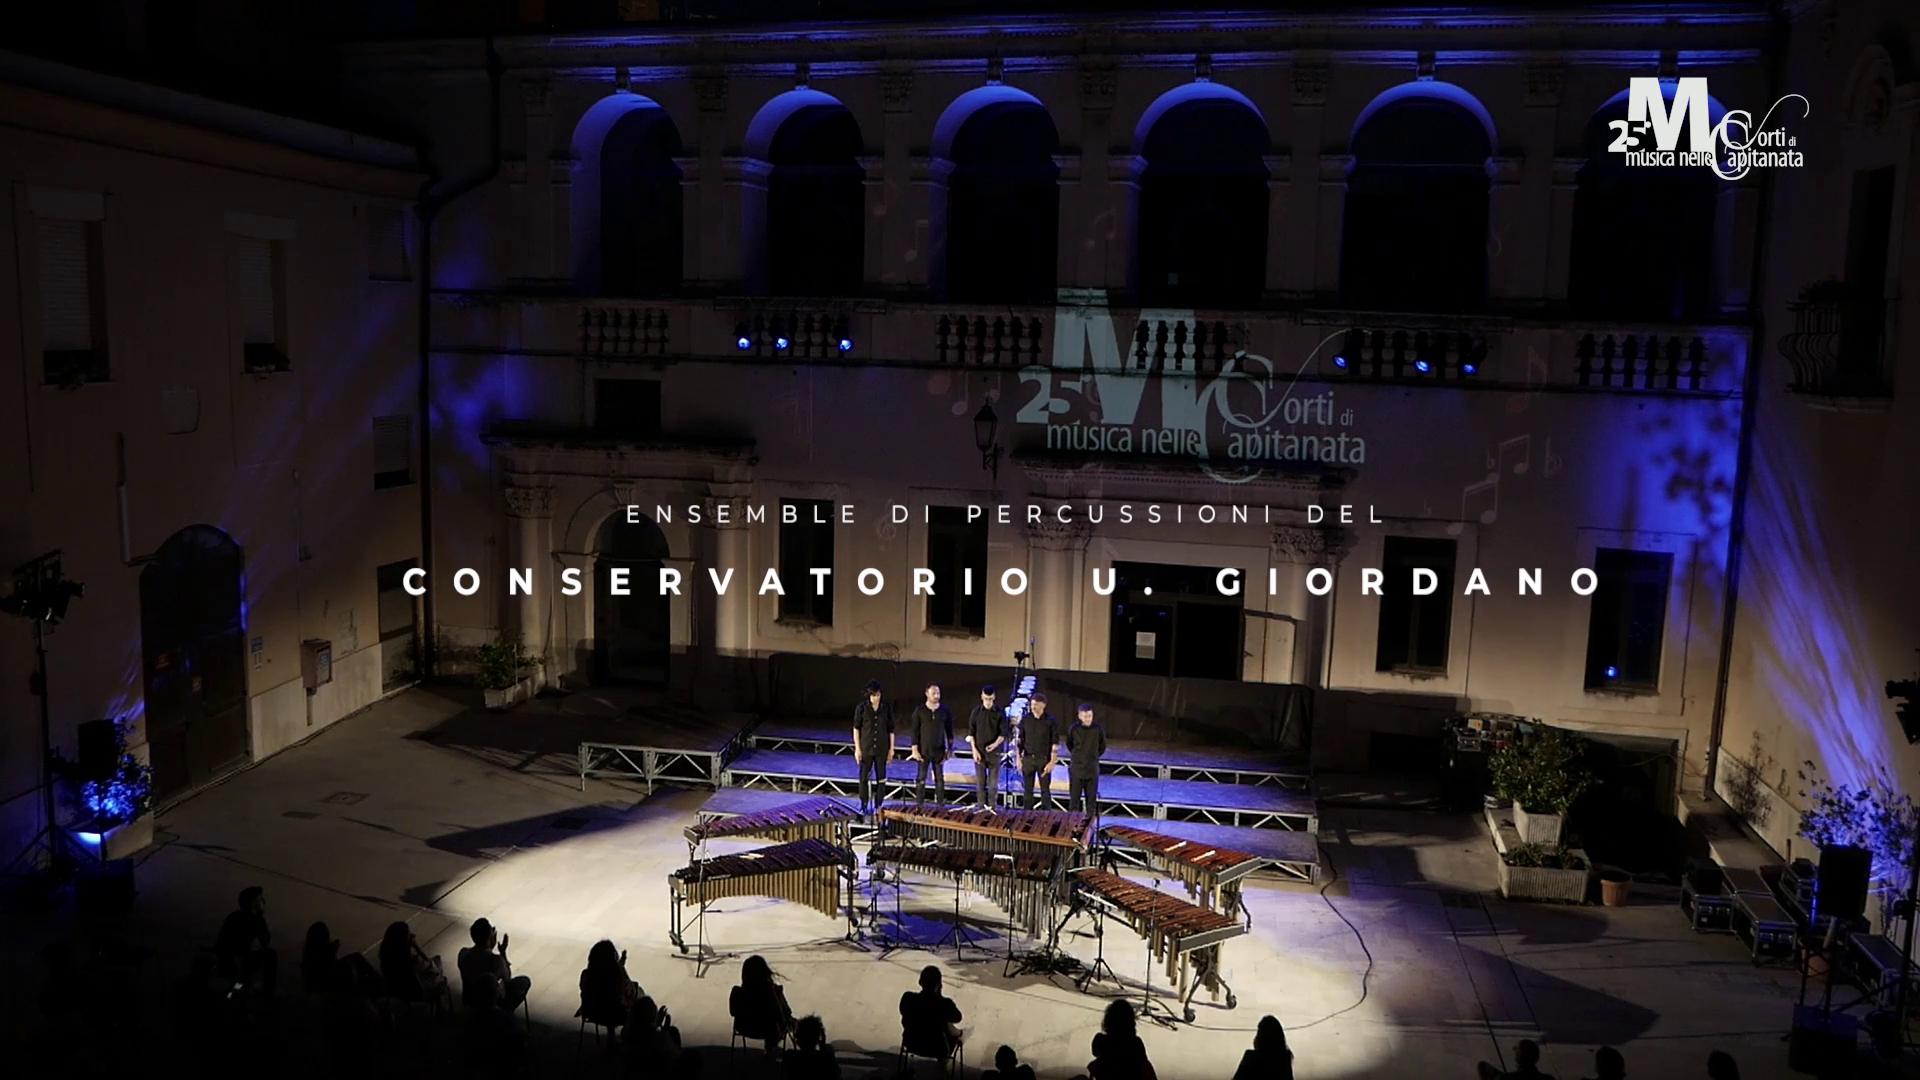 2 – 30/06 – Ensemble di percussioni del Conservatorio